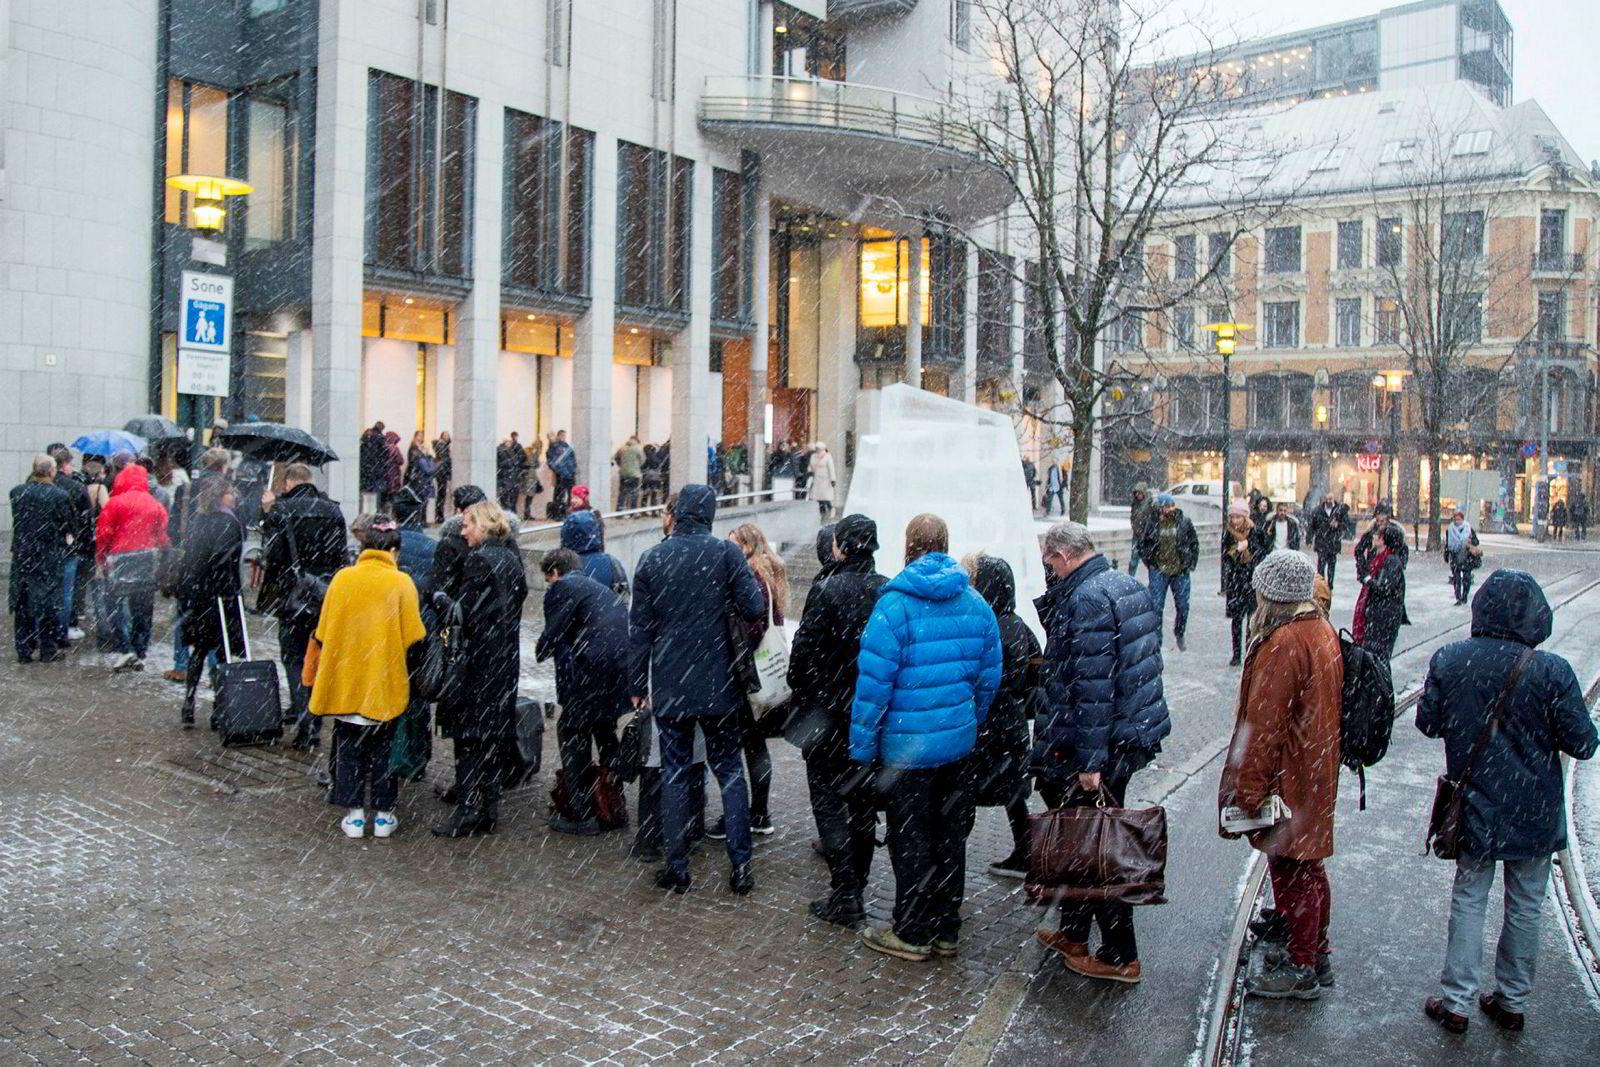 Flere miljøorganisasjoner reist sak mot lovligheten av den 23. leterunden på norsk sokkel, og anket tingrettens dom videre til høyesterett. Køene utenfor Oslo tingrett var lange før den historiske rettsaken om Greenpeace.